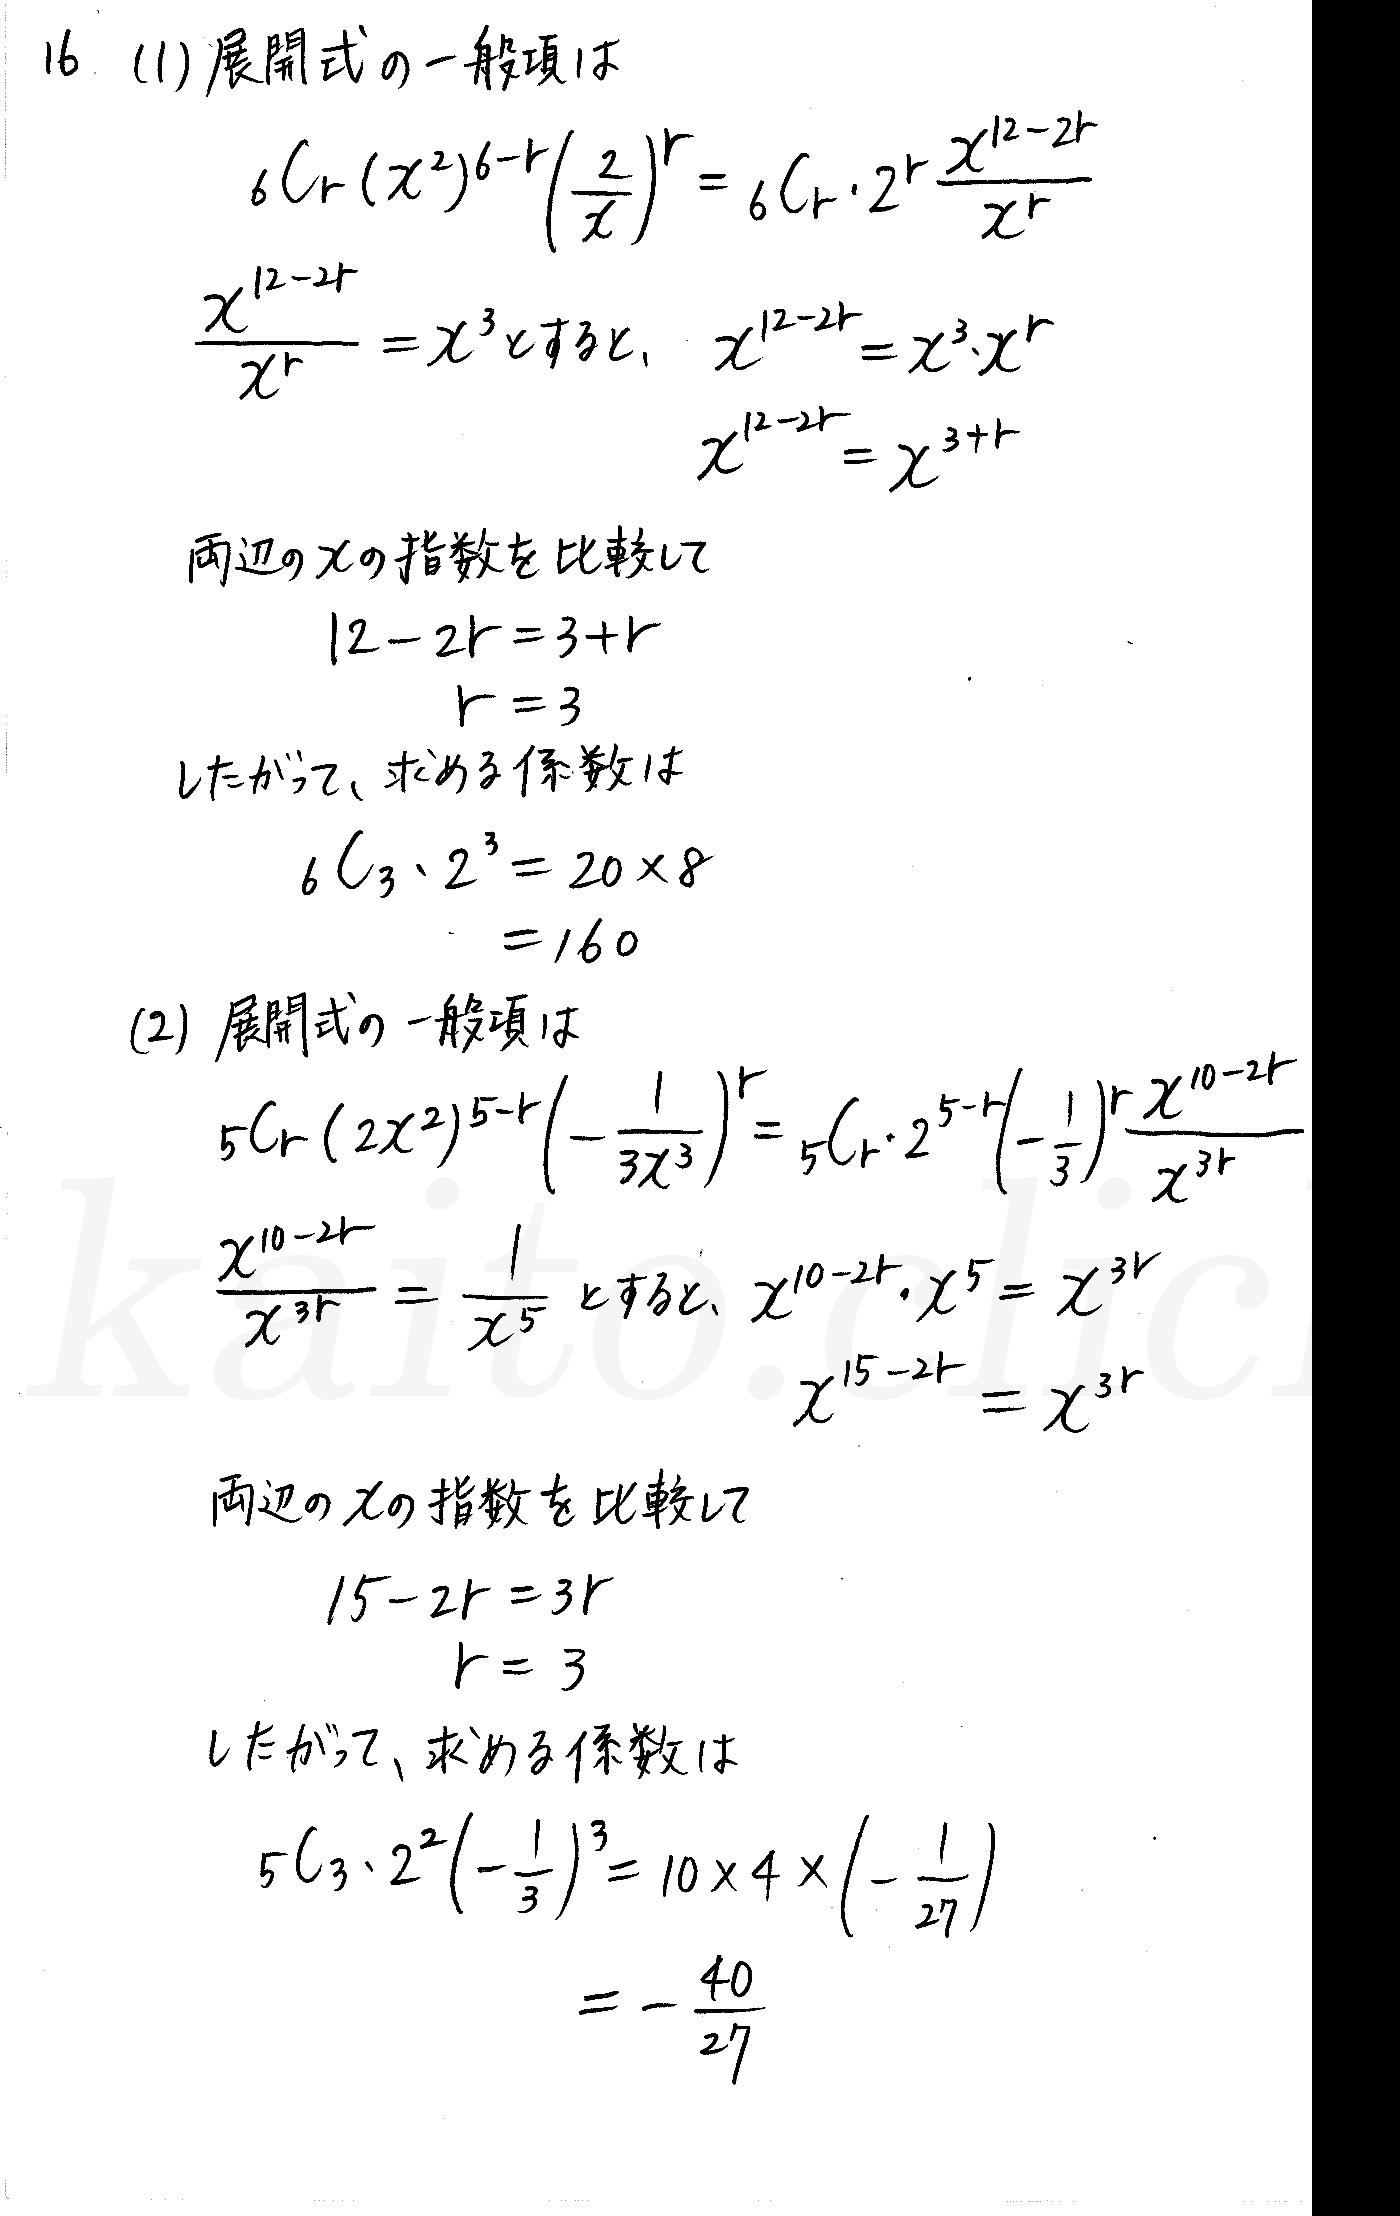 クリアー数学2-16解答